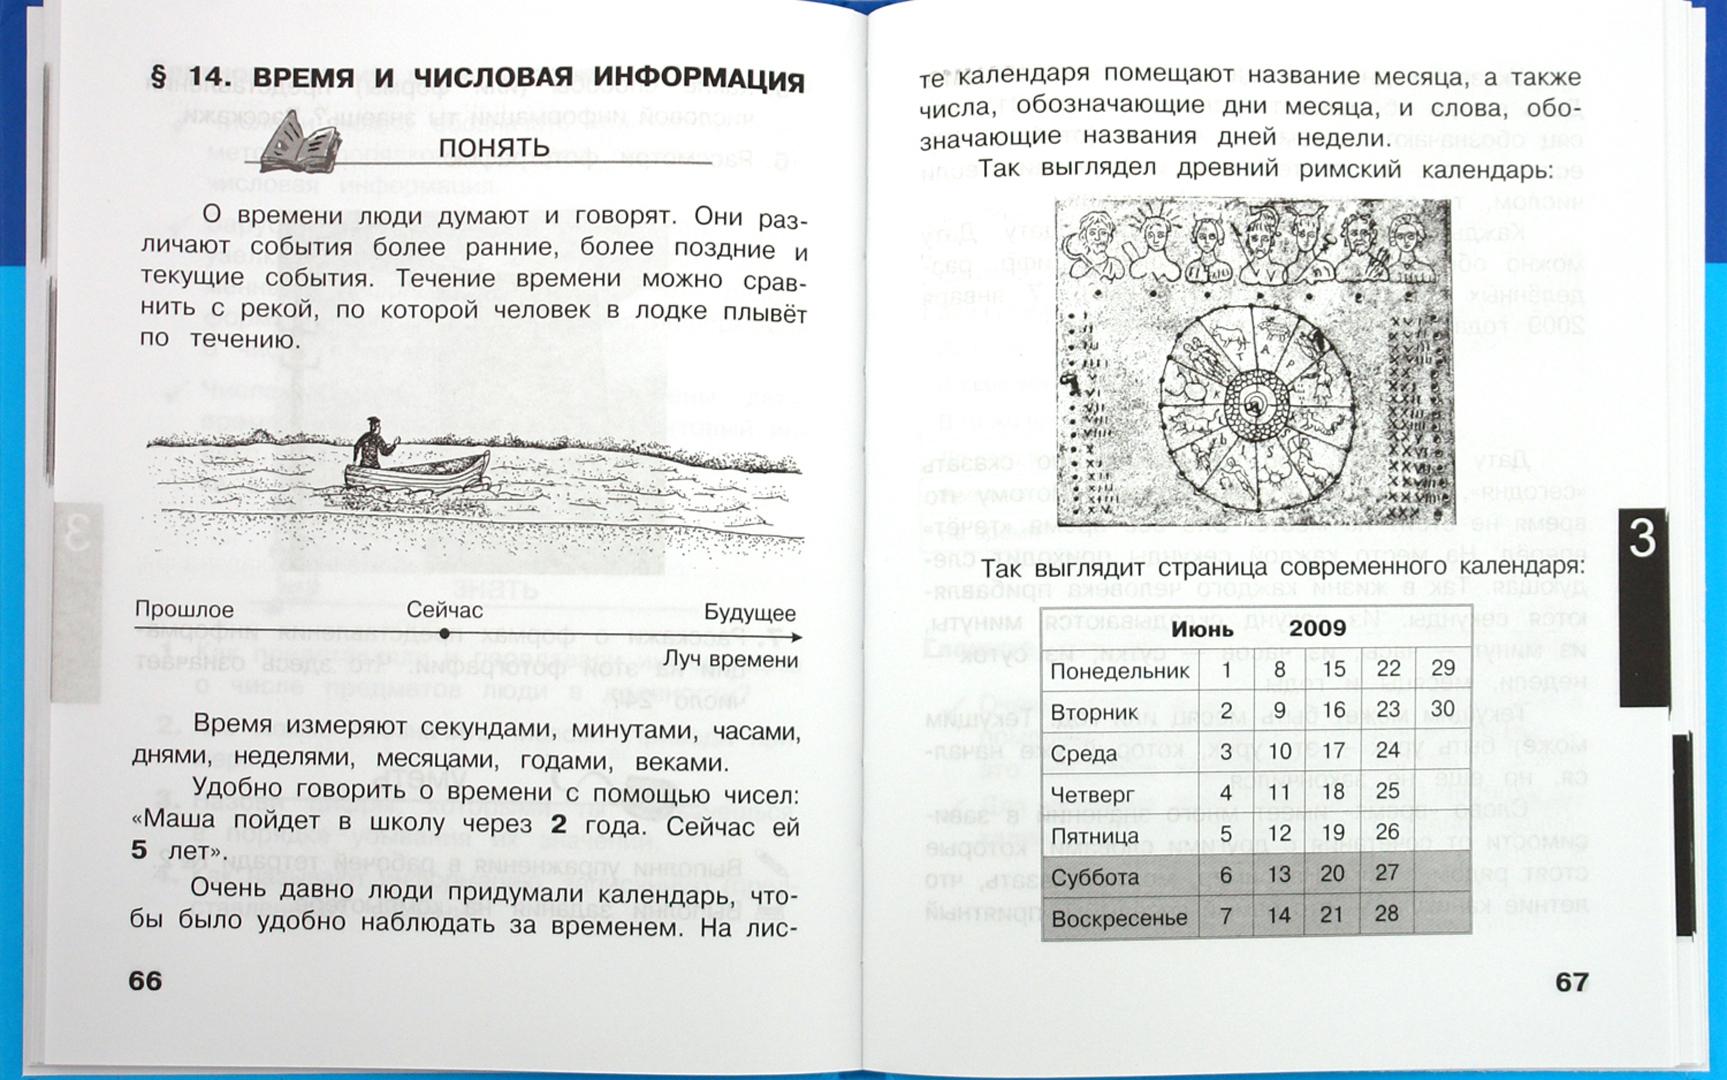 Иллюстрация 1 из 12 для Информатика и ИКТ : учебник для 2 класса - Матвеева, Матвеева, Челак, Конопатова | Лабиринт - книги. Источник: Лабиринт